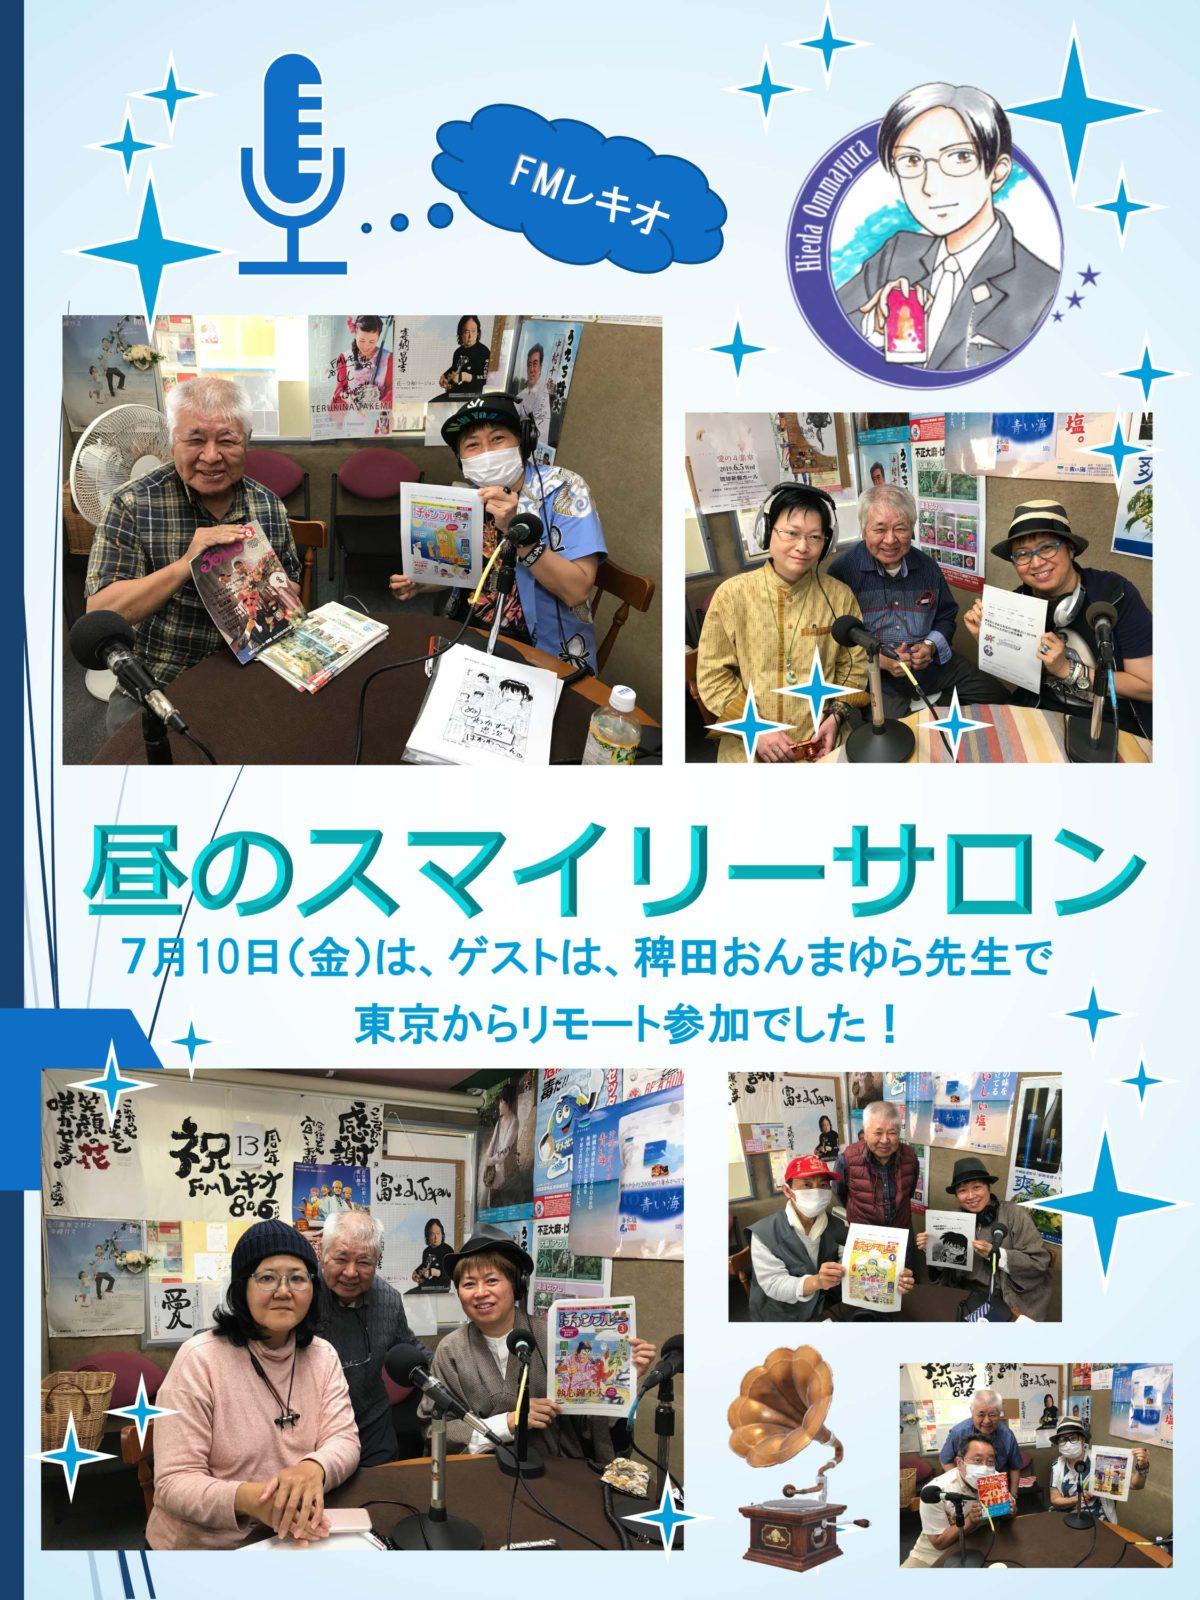 稗田おんまゆら先生は東京からリモート参加でした!『昼のスマイリーサロン』7月10日(金)放送